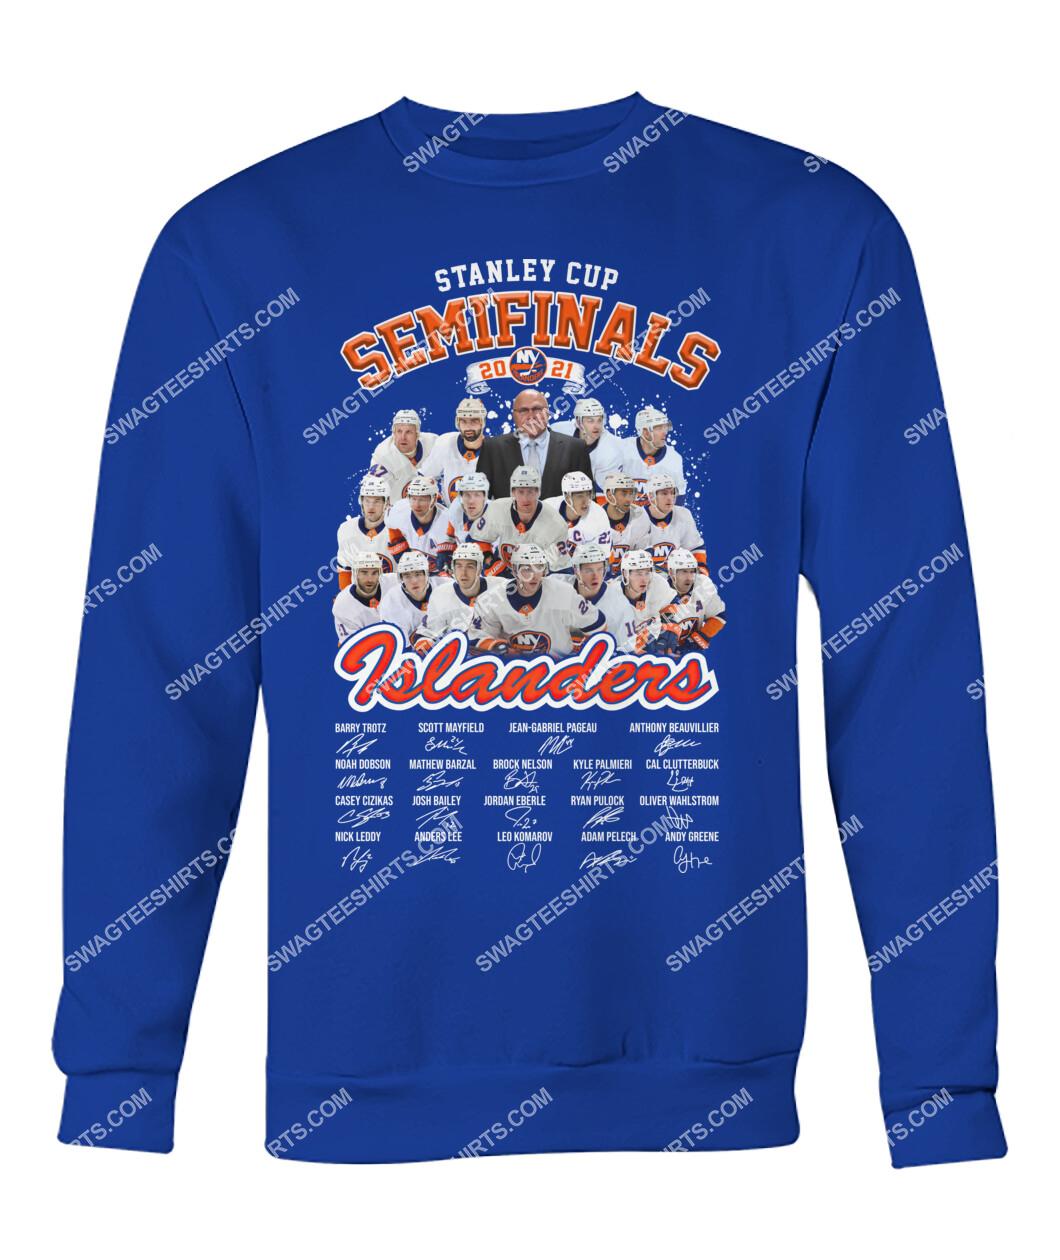 stanley cup semi finals 2021 new york islanders signatures sweatshirt 1